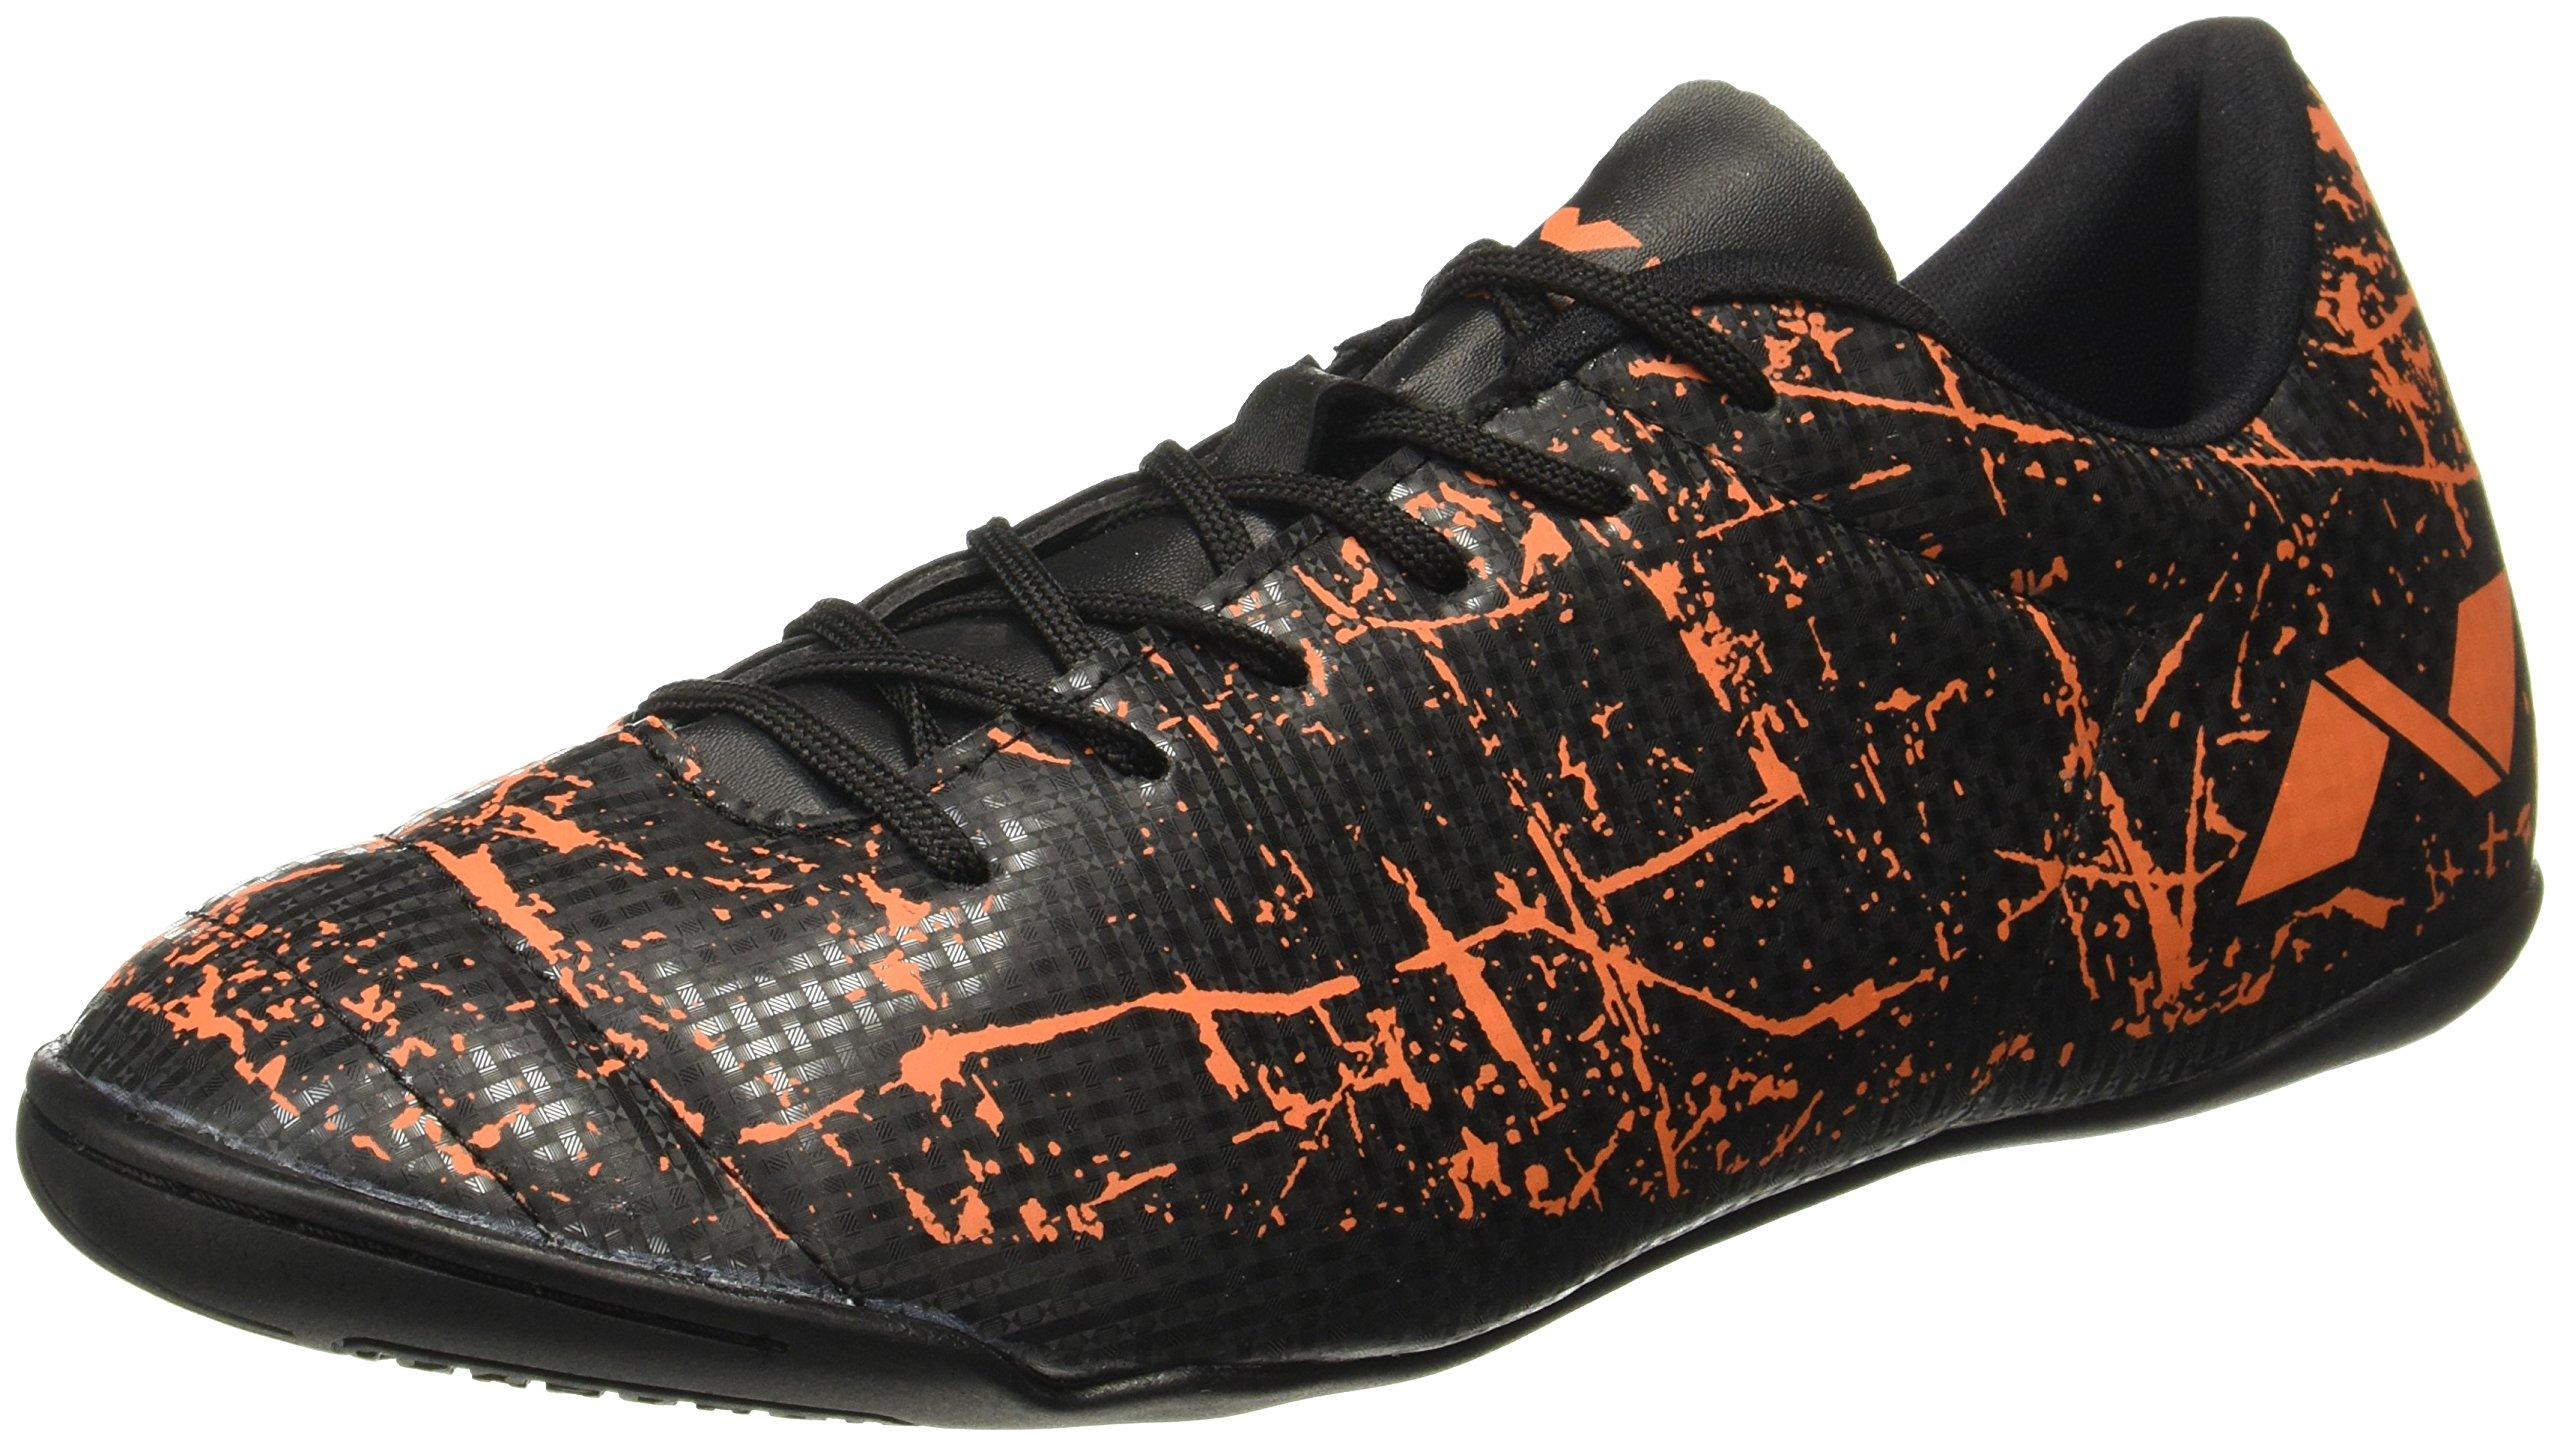 NIVIA Encounter 2.0 Futsal Shoes- Buy